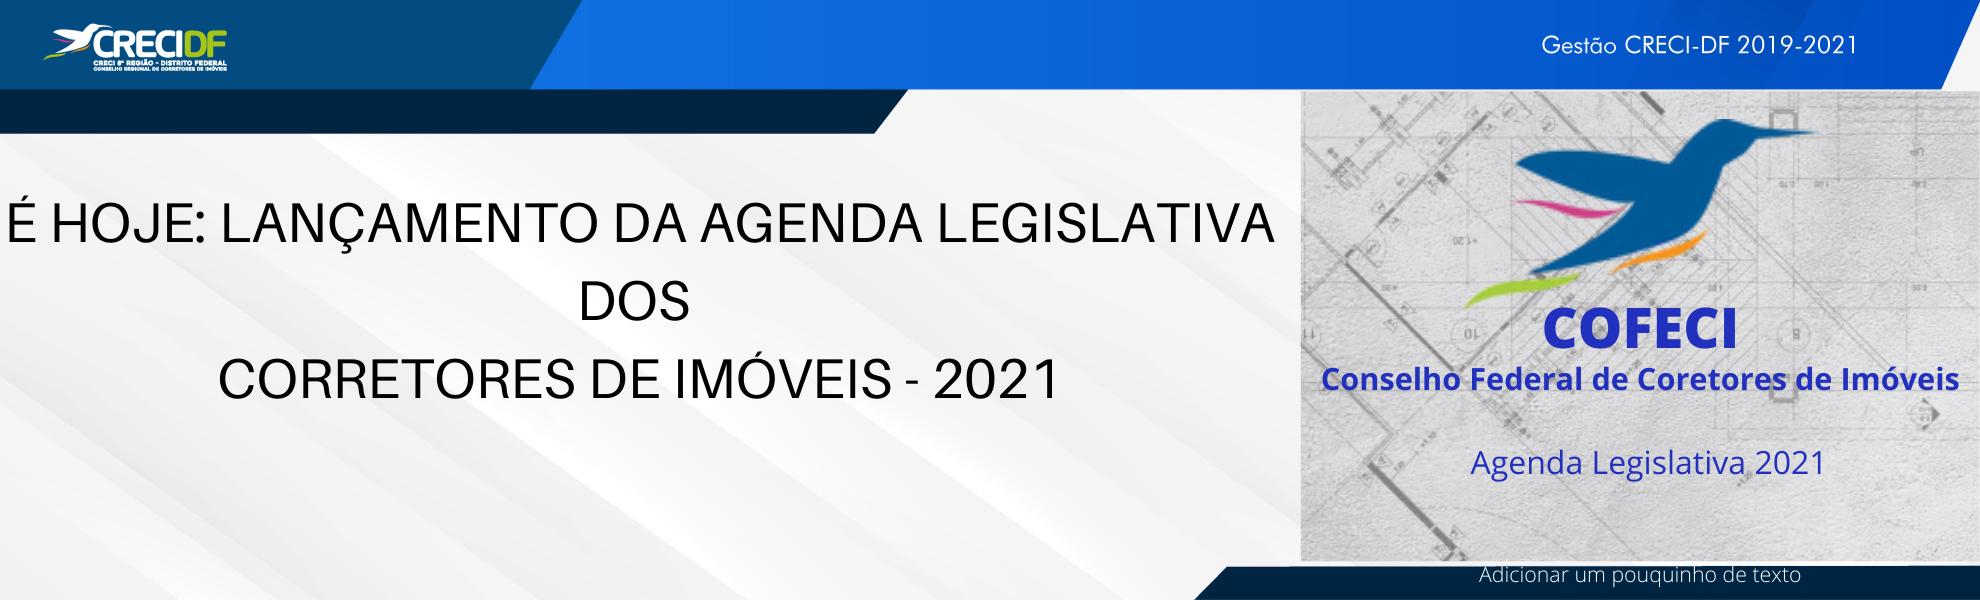 É HOJE LANÇAMENTO DA AGENDA LEGISLATIVA DOS CORRETORES DE IMÓVEIS - 2021